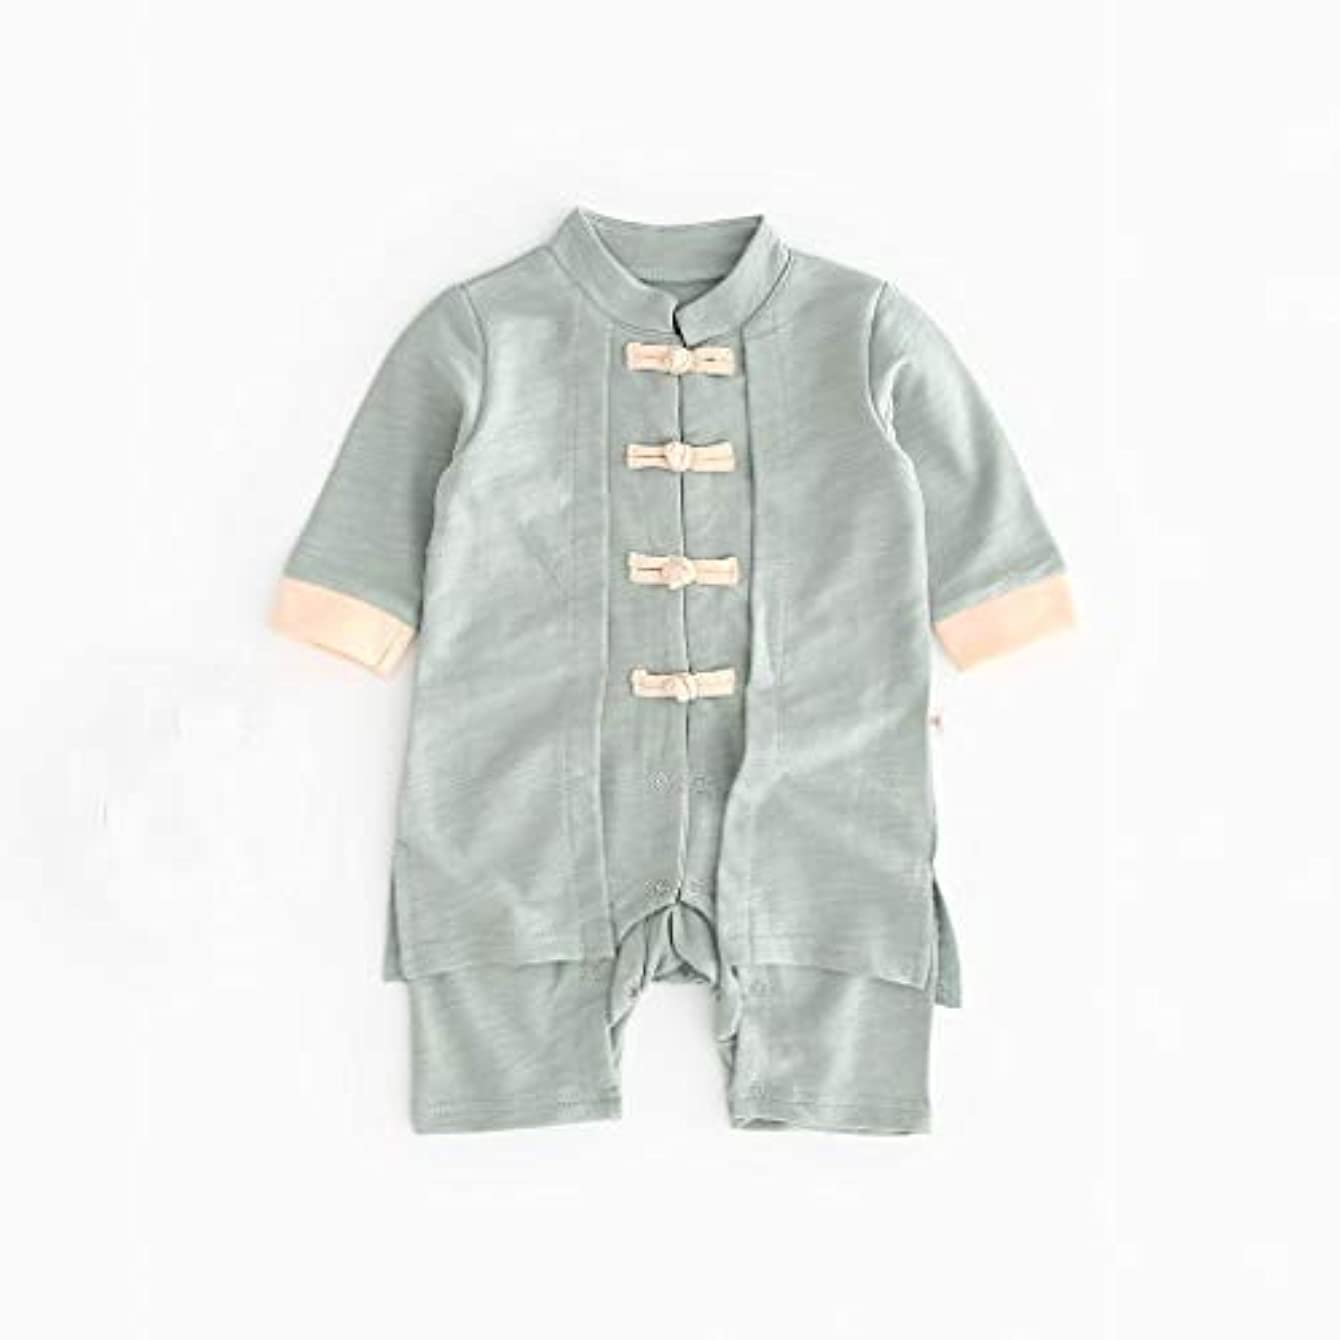 豊かにする財布コントロールかわいいボタン漢風生まれたばかりの赤ちゃん男の子女の子ボタン固体ロンパースジャンプスーツ着物服パジャマ女の子男の子レターストライプ長袖コットンロンパースジャンプスーツ